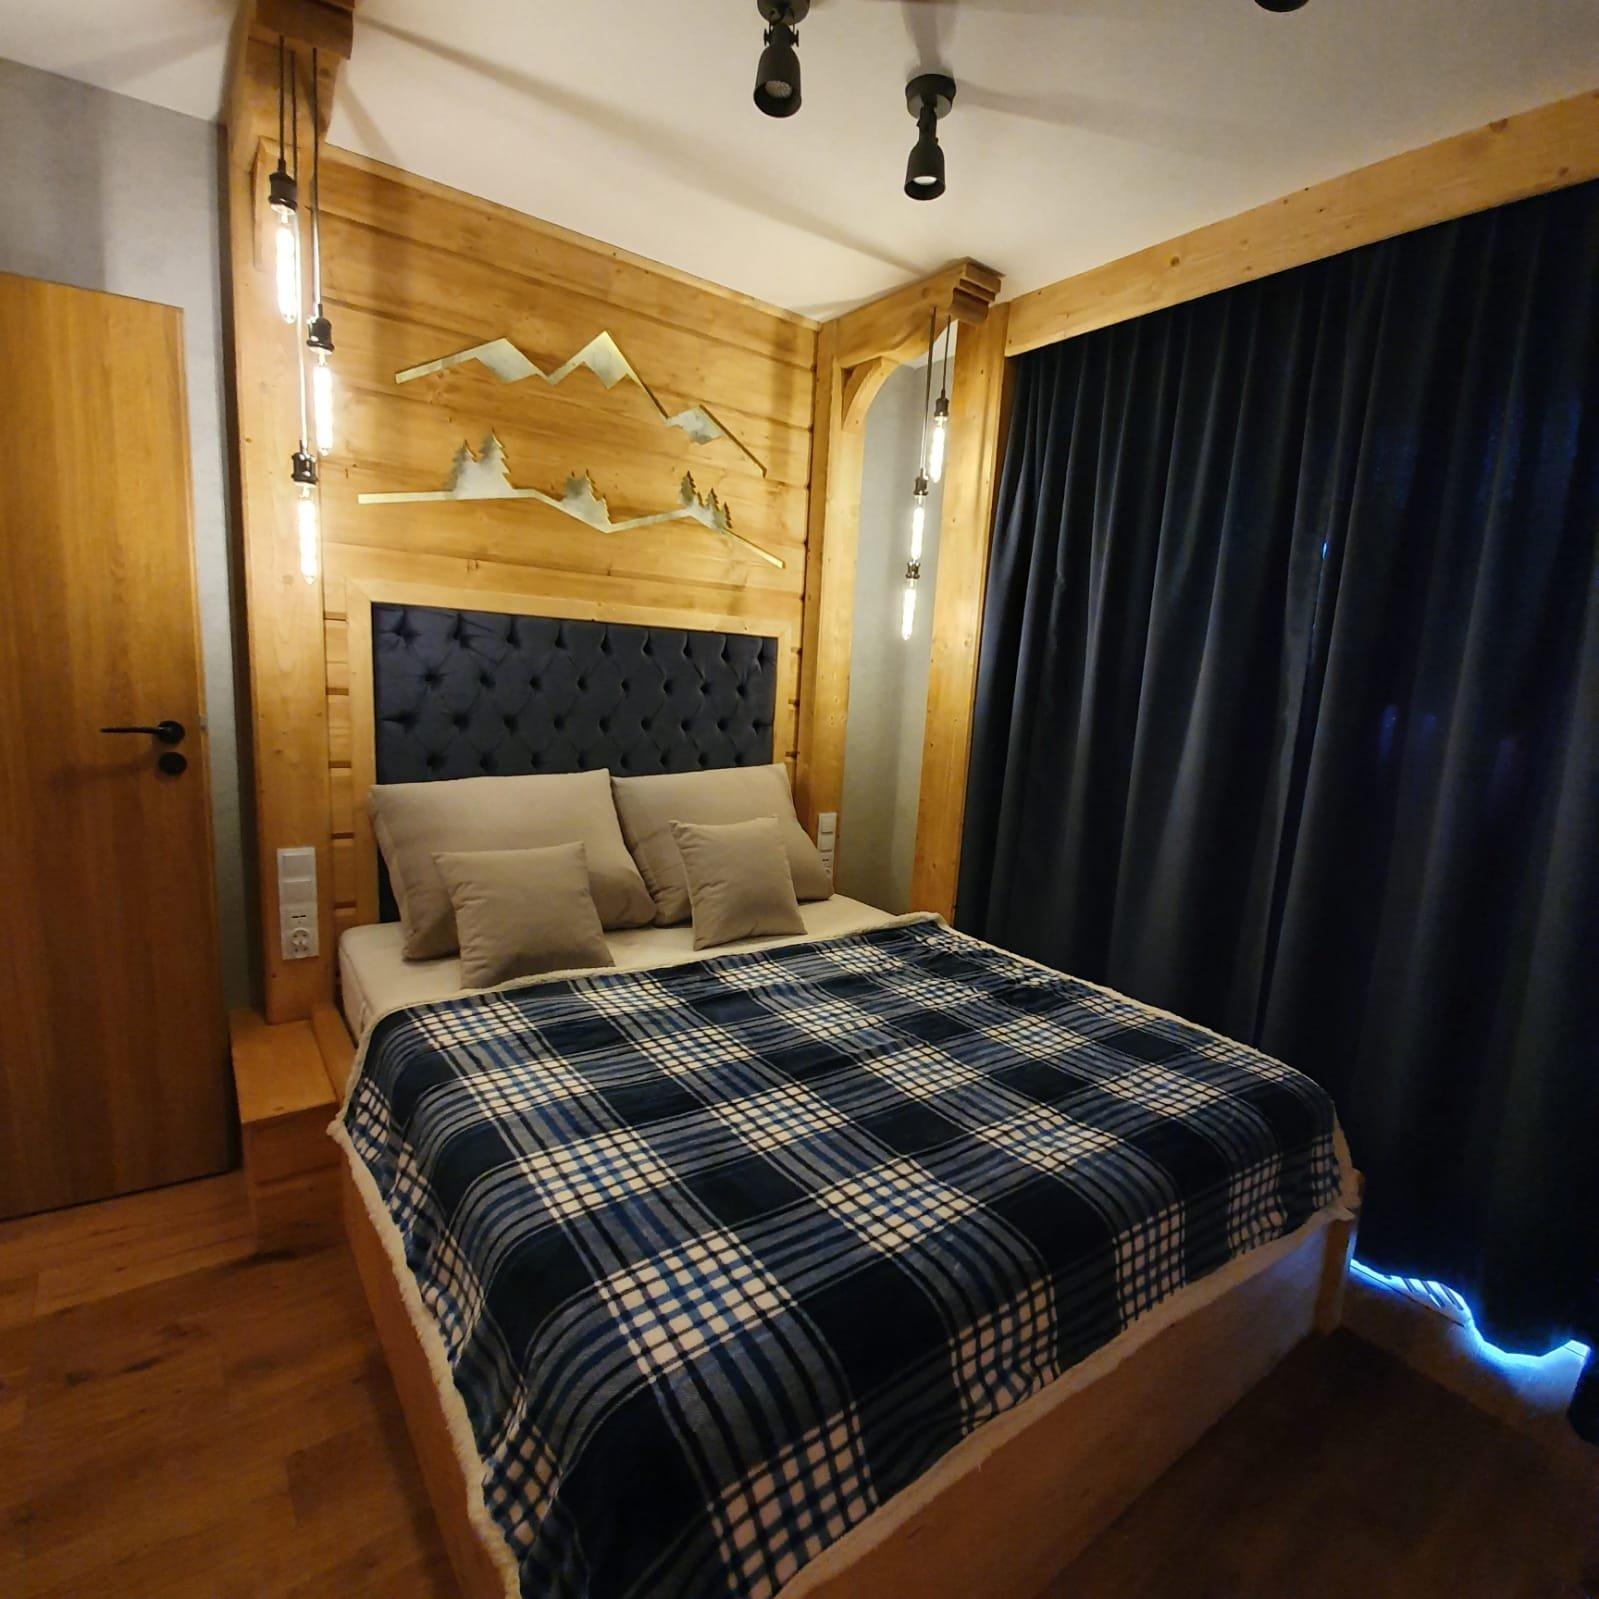 Apartament BACIARA-prywatny, 2 pok., przy Krupówkach,Zakopane-5280